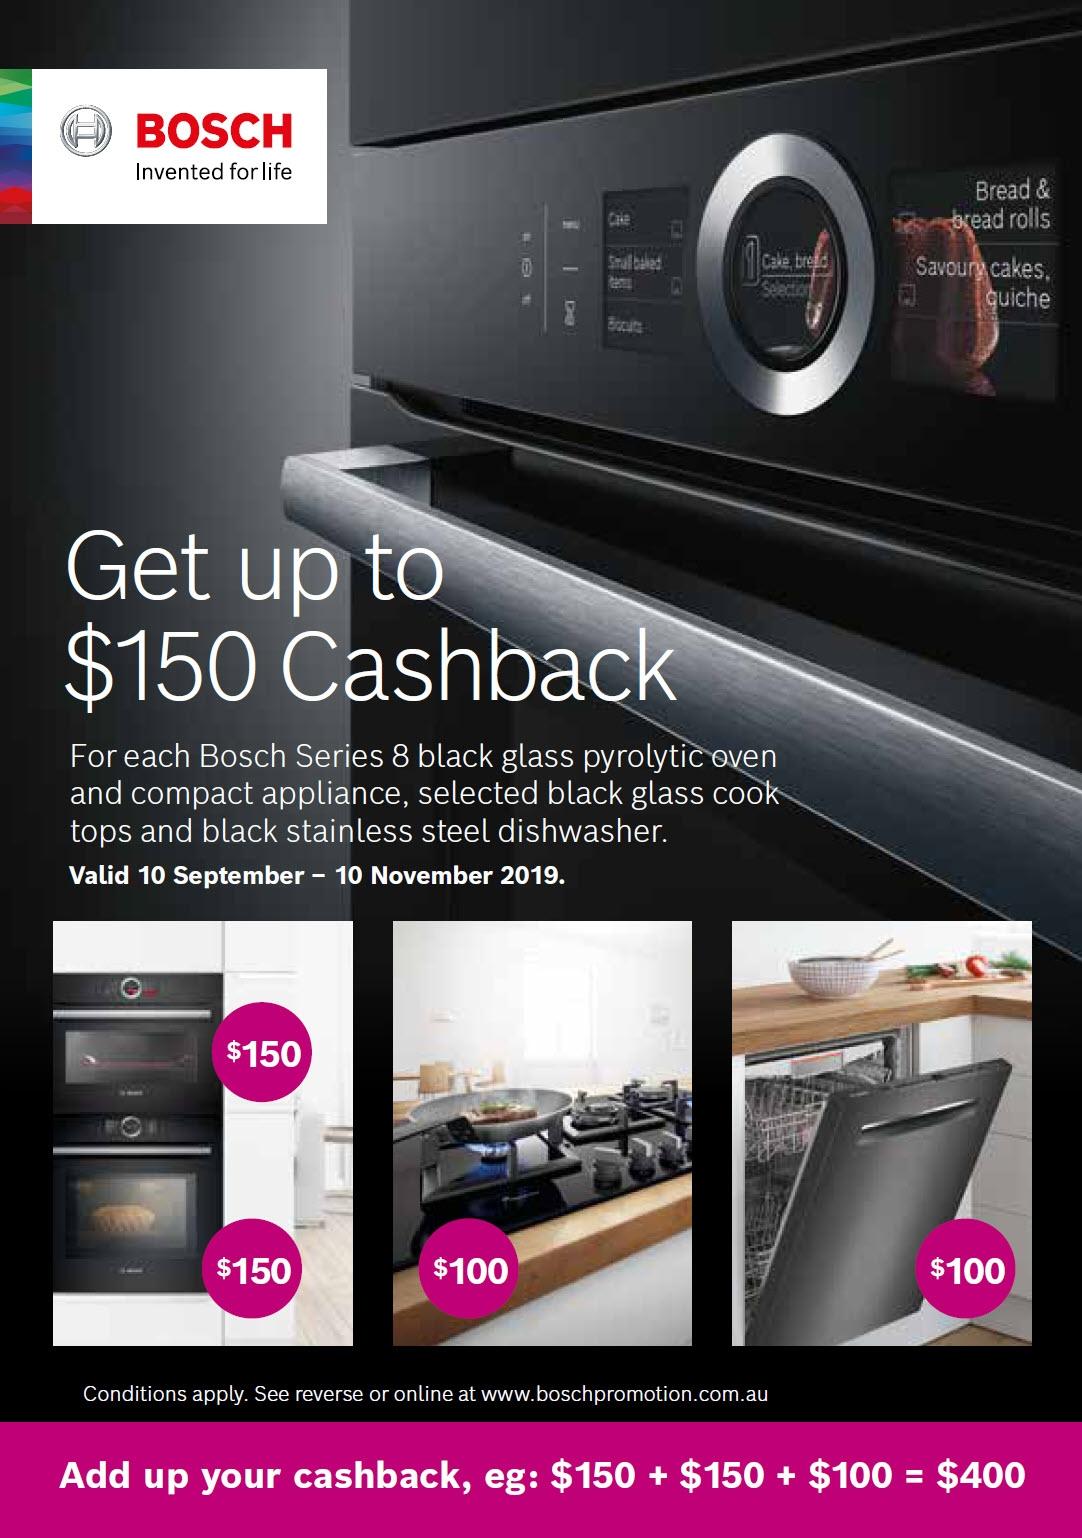 Bosch $150 Cashback Promotion